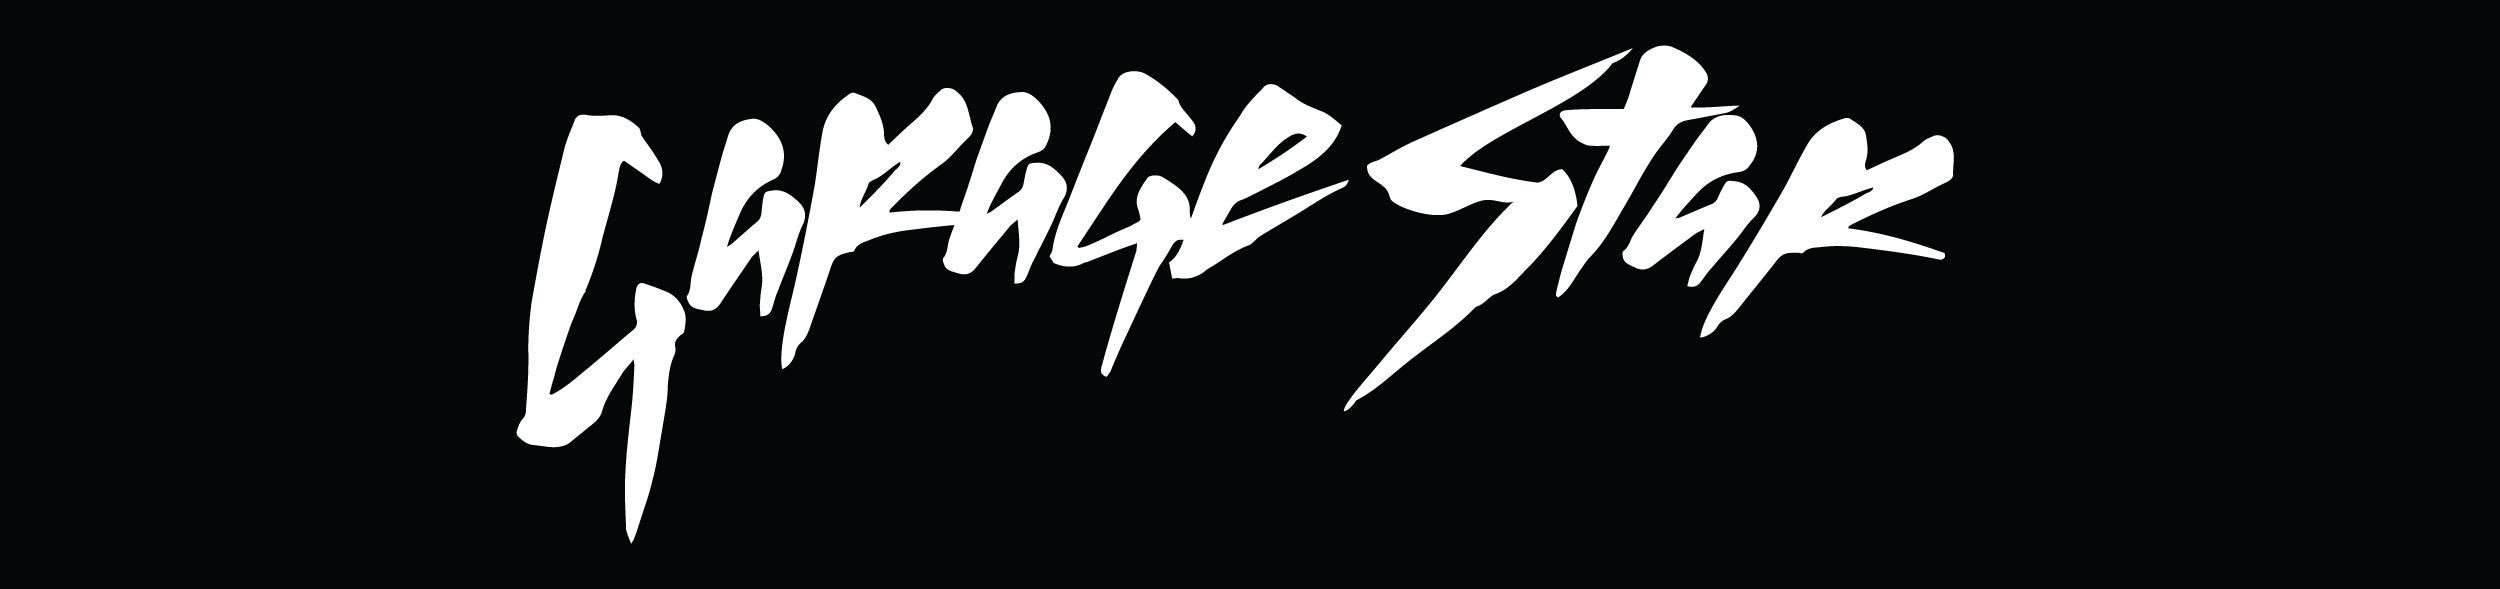 garage-star.jpg